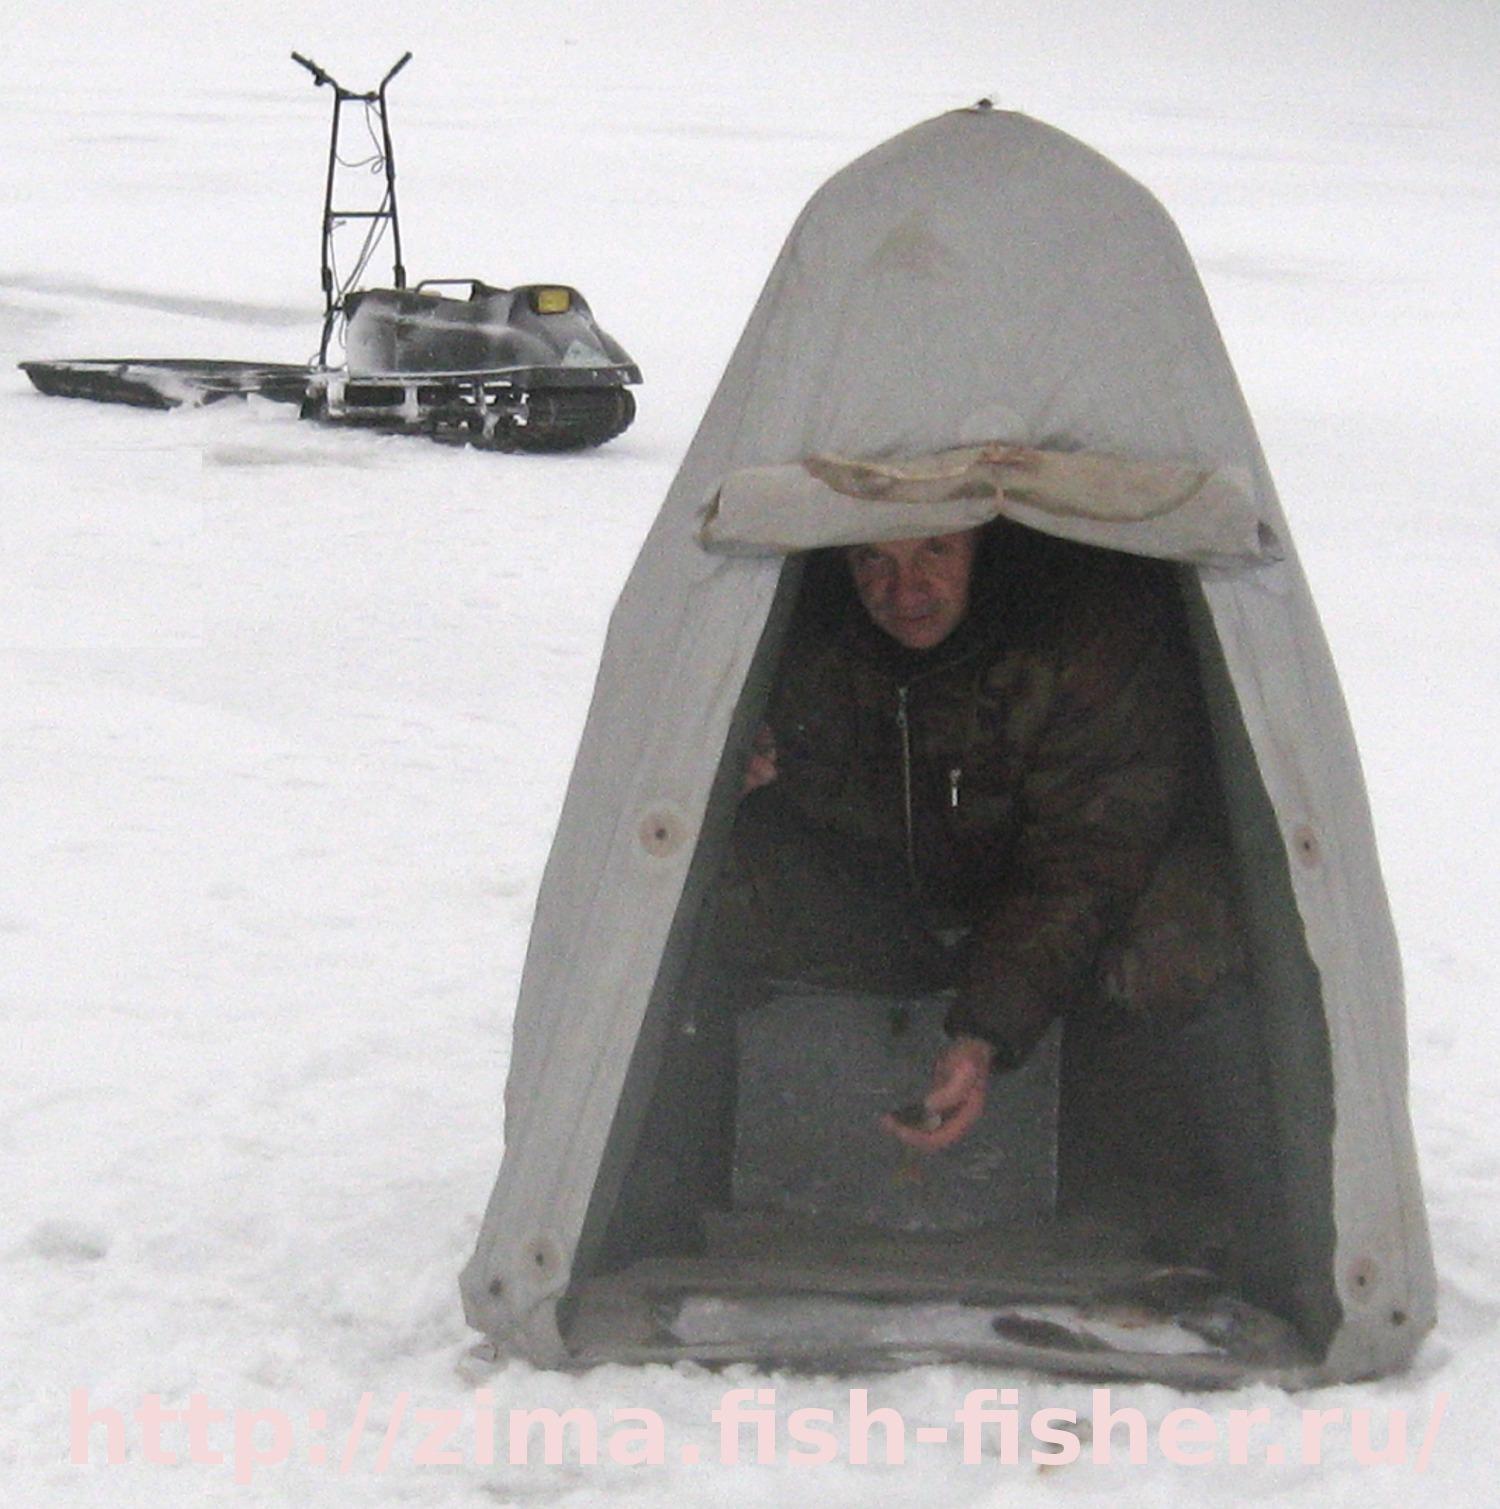 Рыбацкая палатка своими руками